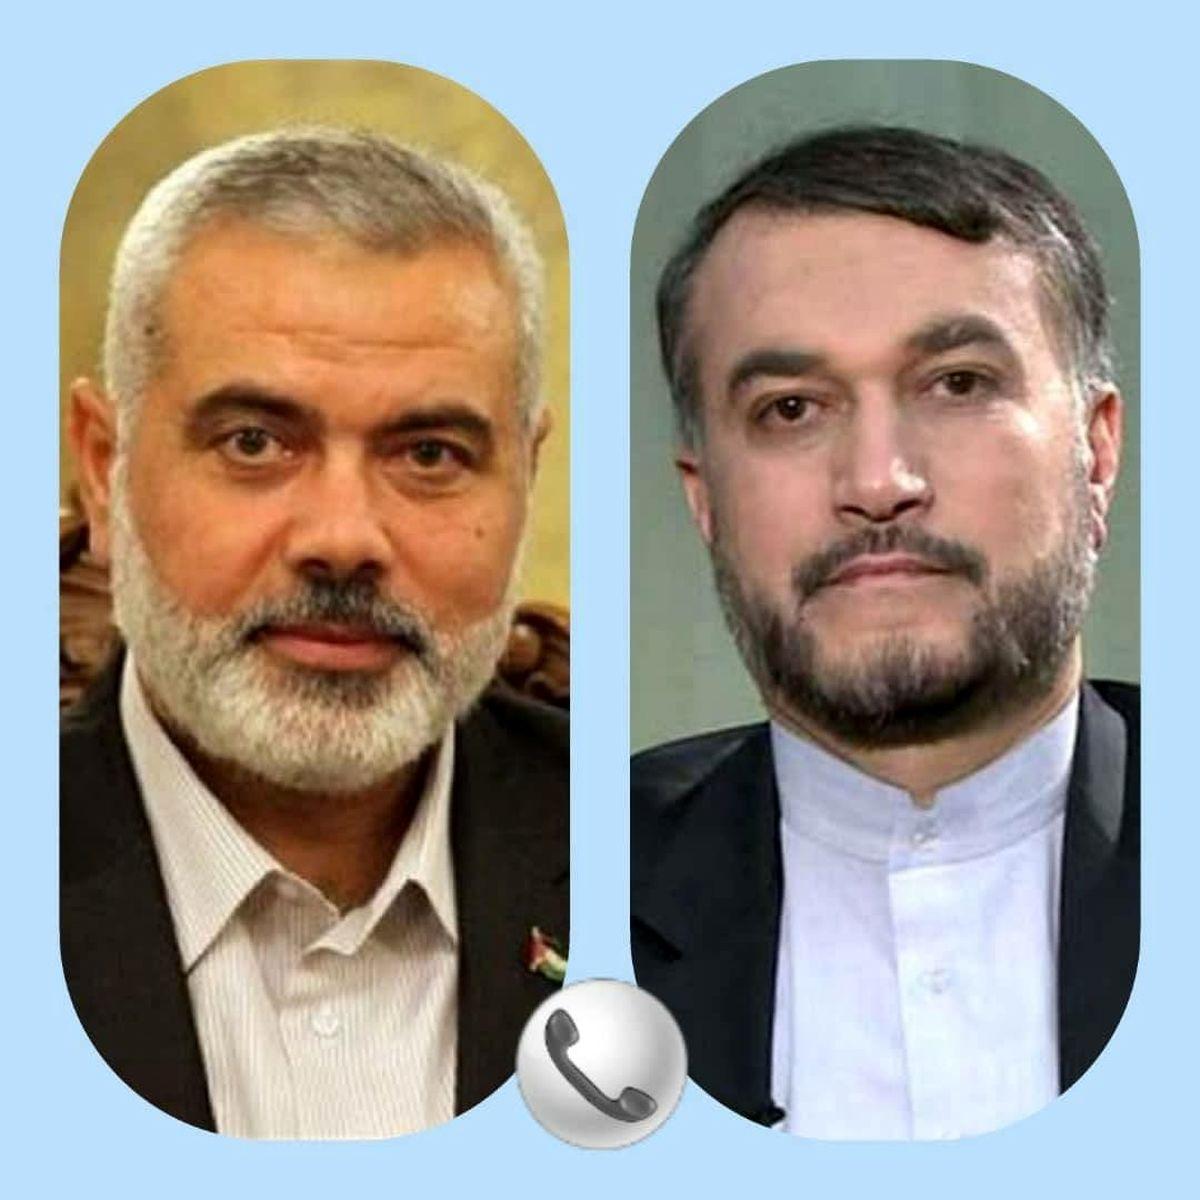 گفتگوی تلفنی اسماعیل هنیه با وزیر امور خارجه